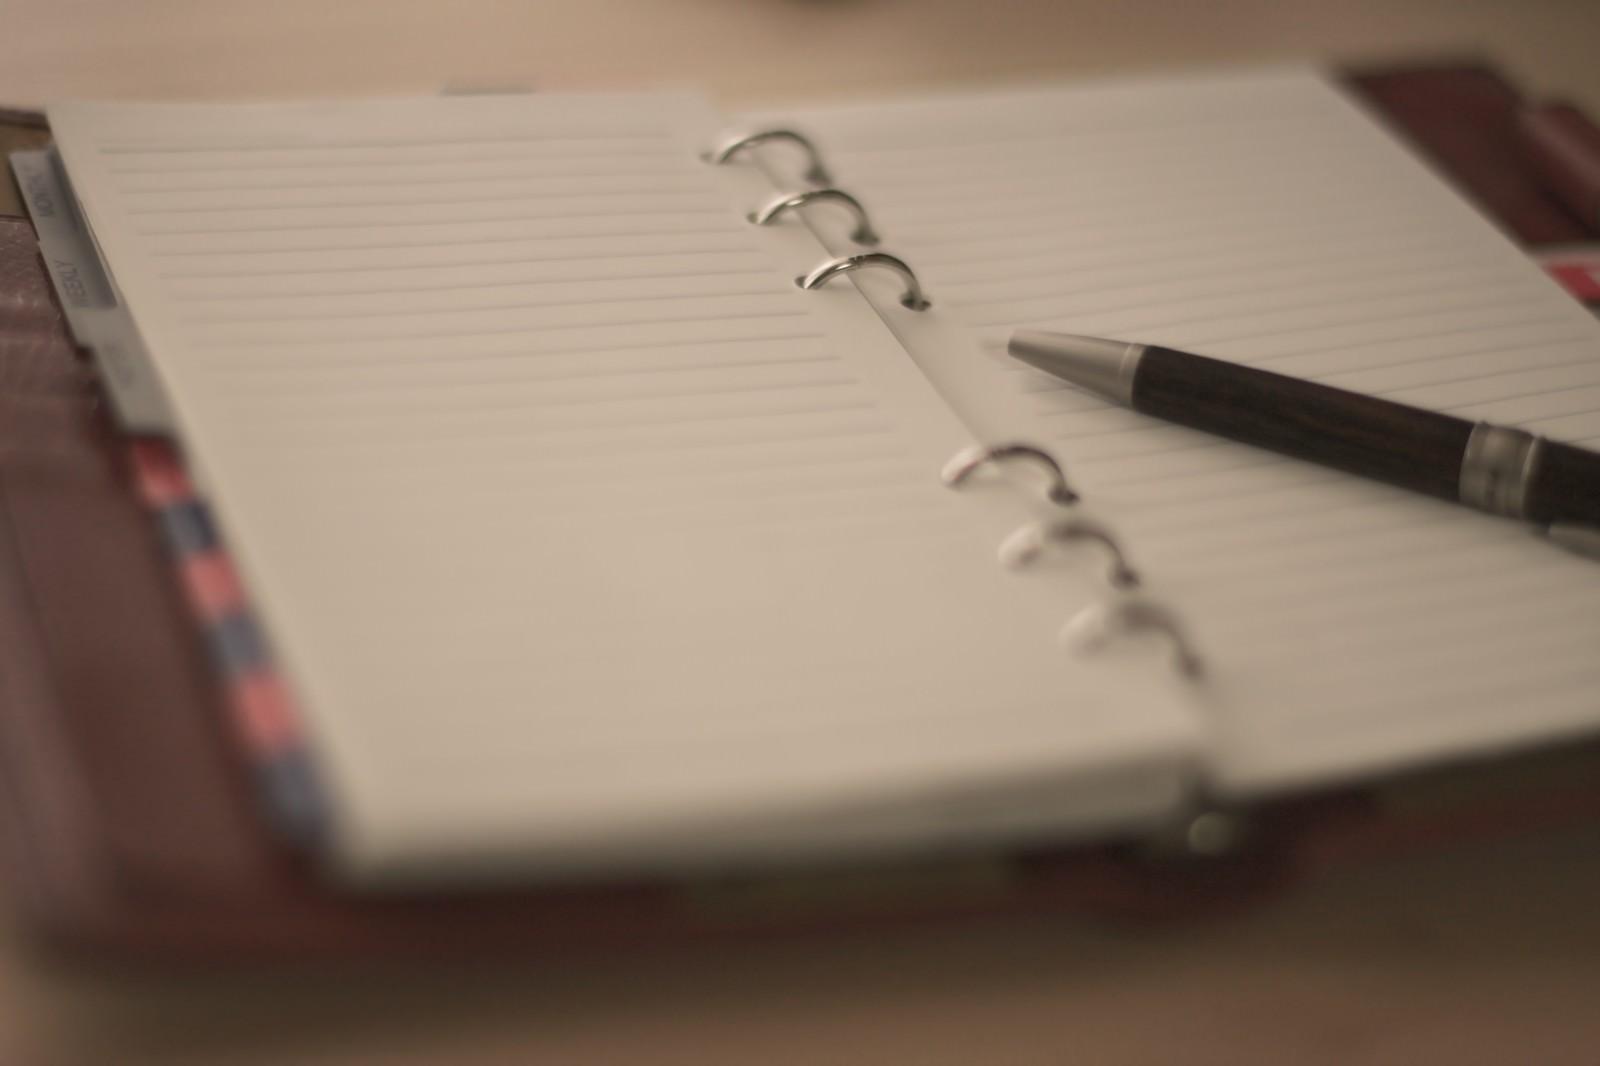 「ノートとペンノートとペン」のフリー写真素材を拡大